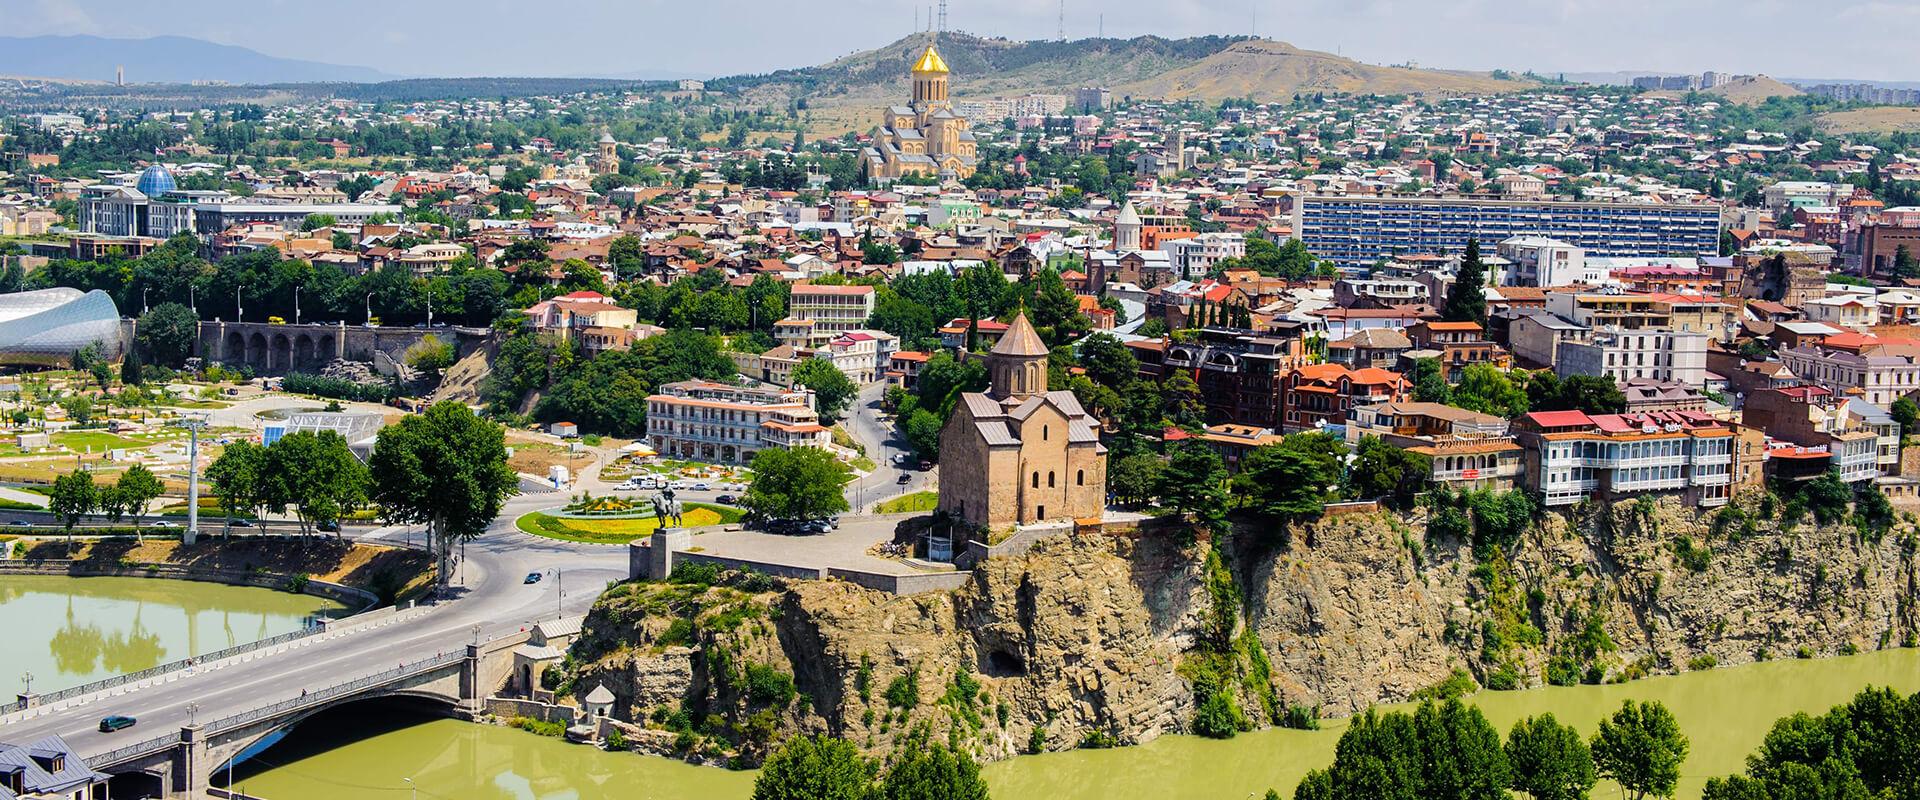 ما يجب ان تعرفه قبل السفر الي اذربيجان |  اهم ما يجب معرفته قبل الذهاب الى اذريبجان